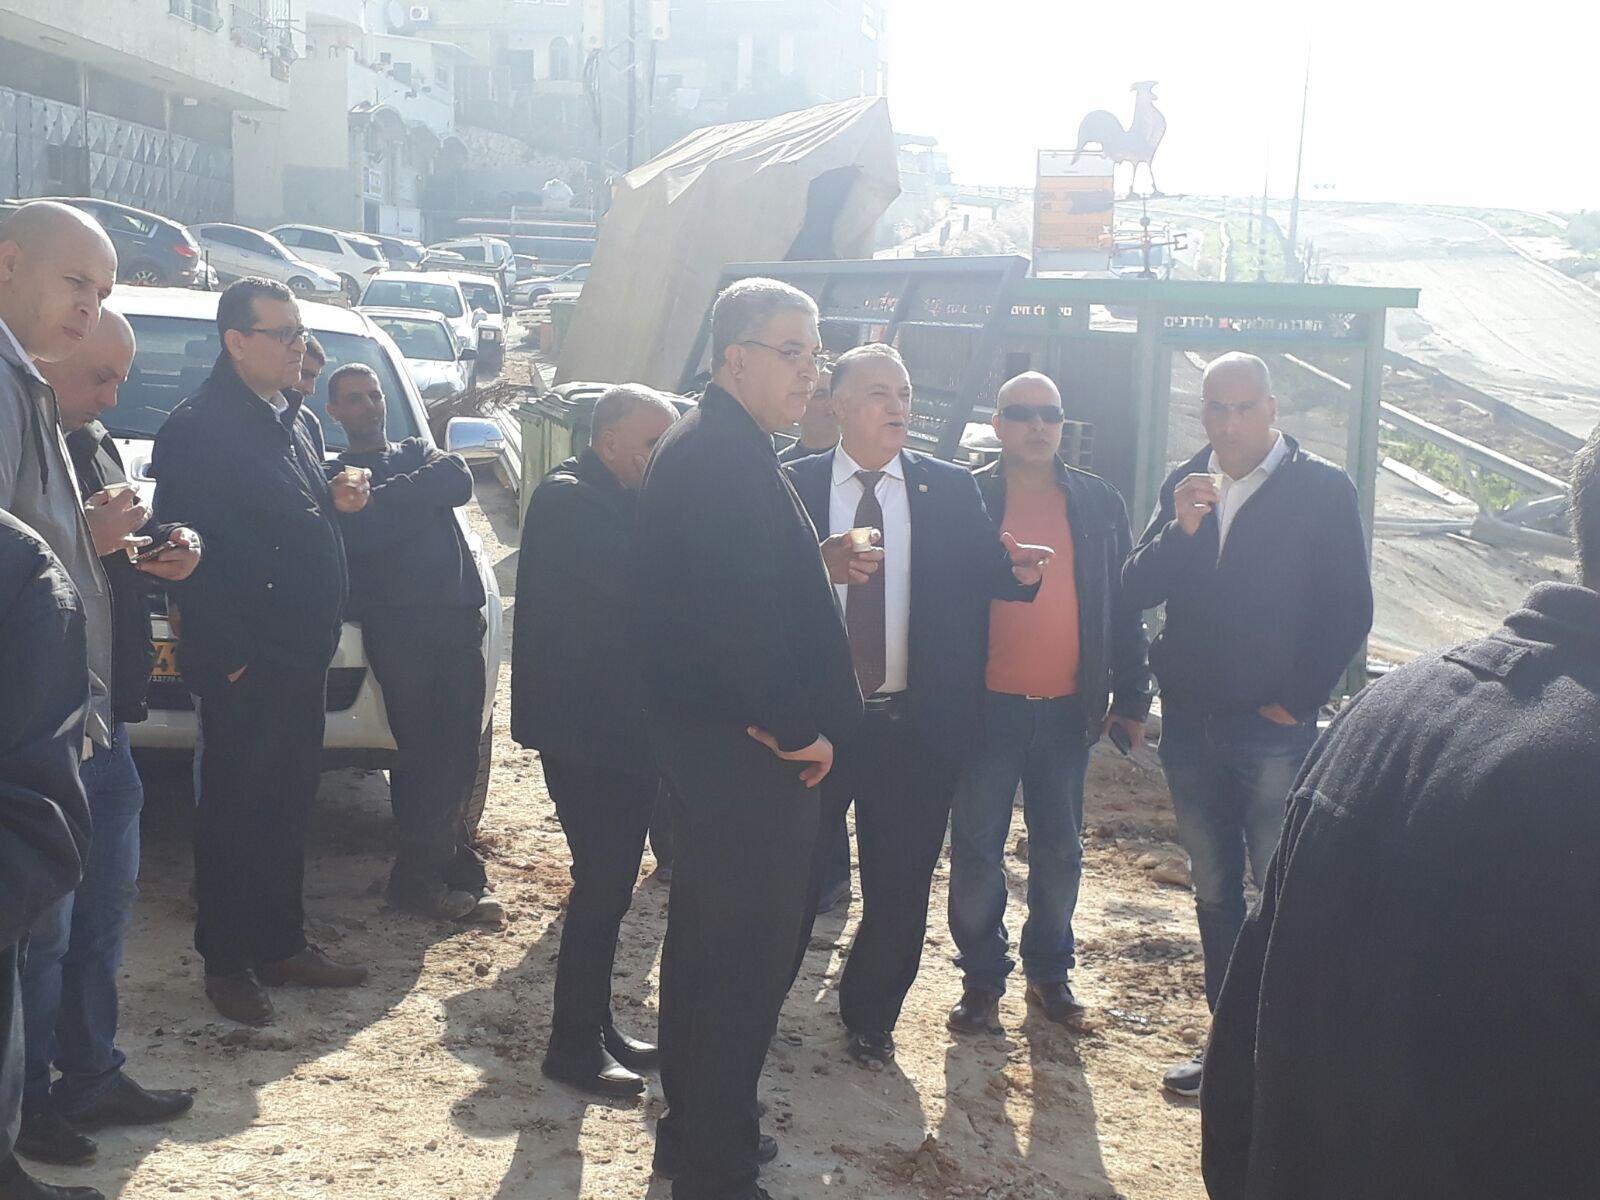 رئس بلدية الناصرة يقوم بجولة تفقدية لشارع الفاخورة